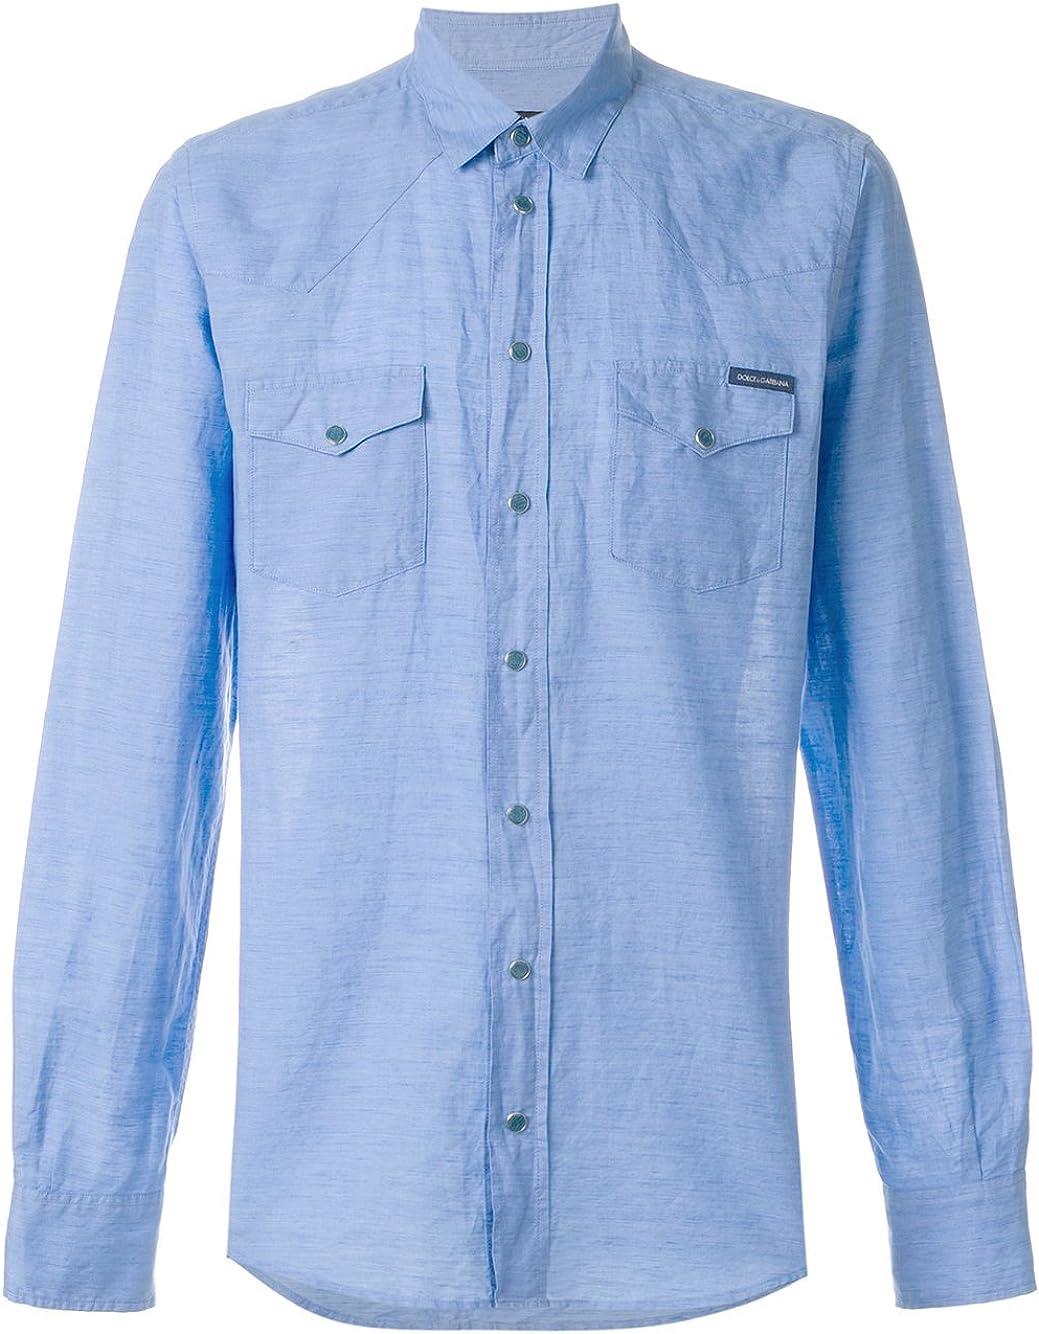 Dolce & Gabbana - Camisa Casual - para Hombre Azul Claro Talla de la Marca 41: Amazon.es: Ropa y accesorios